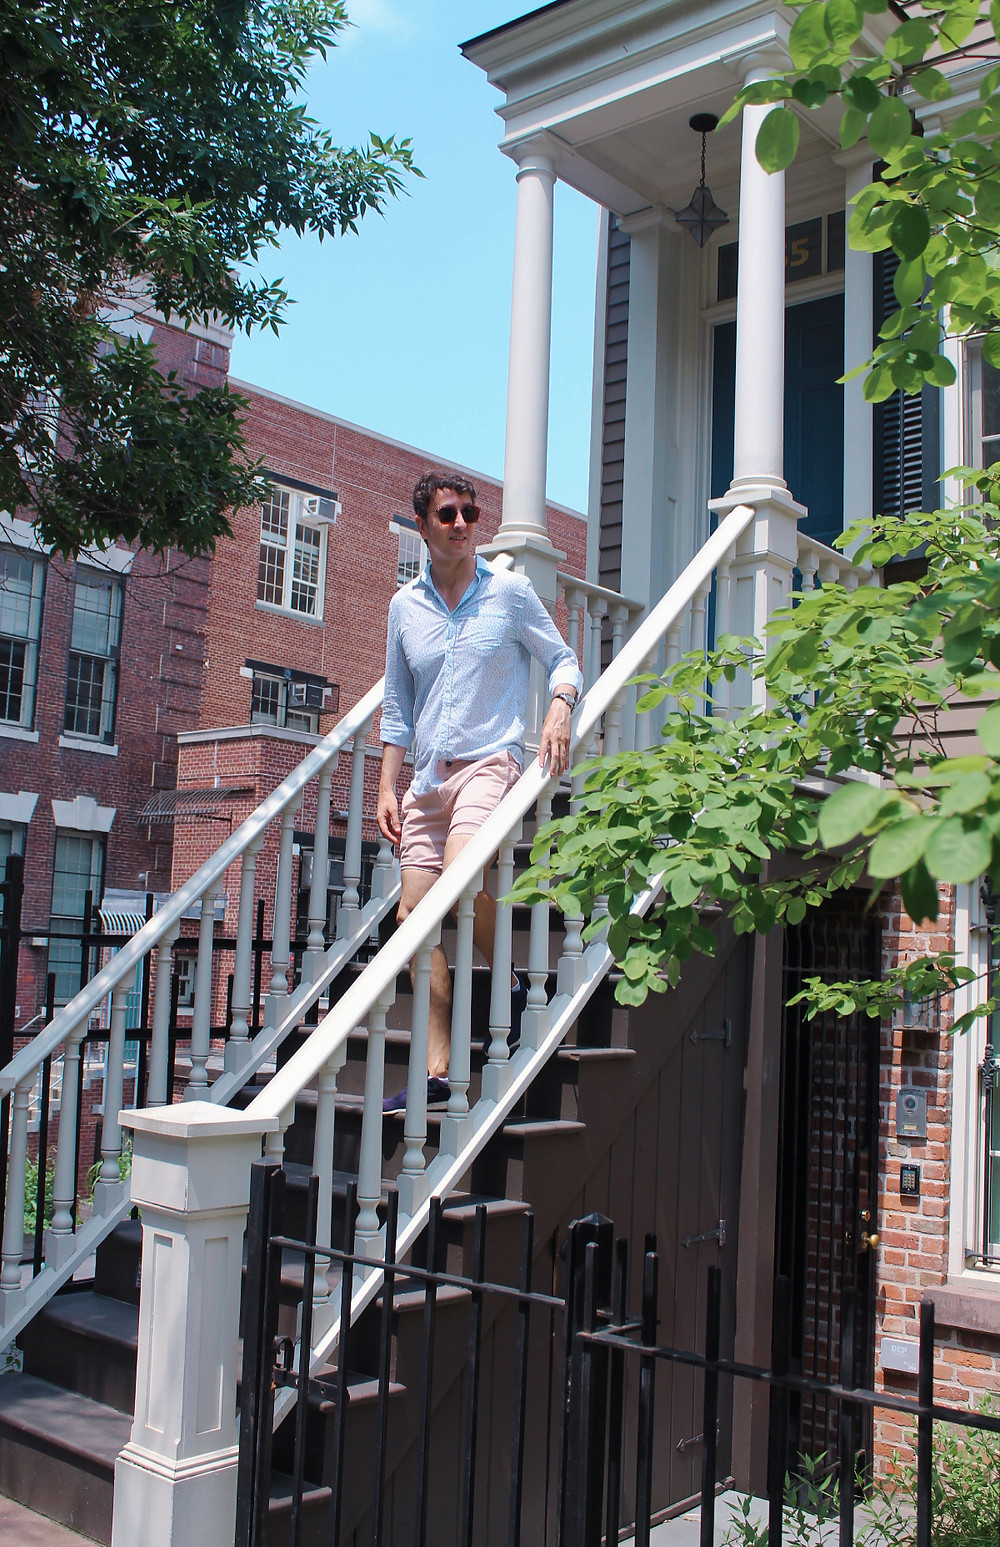 Miguel Biedma en el barrio de DUMBO en Broockyn